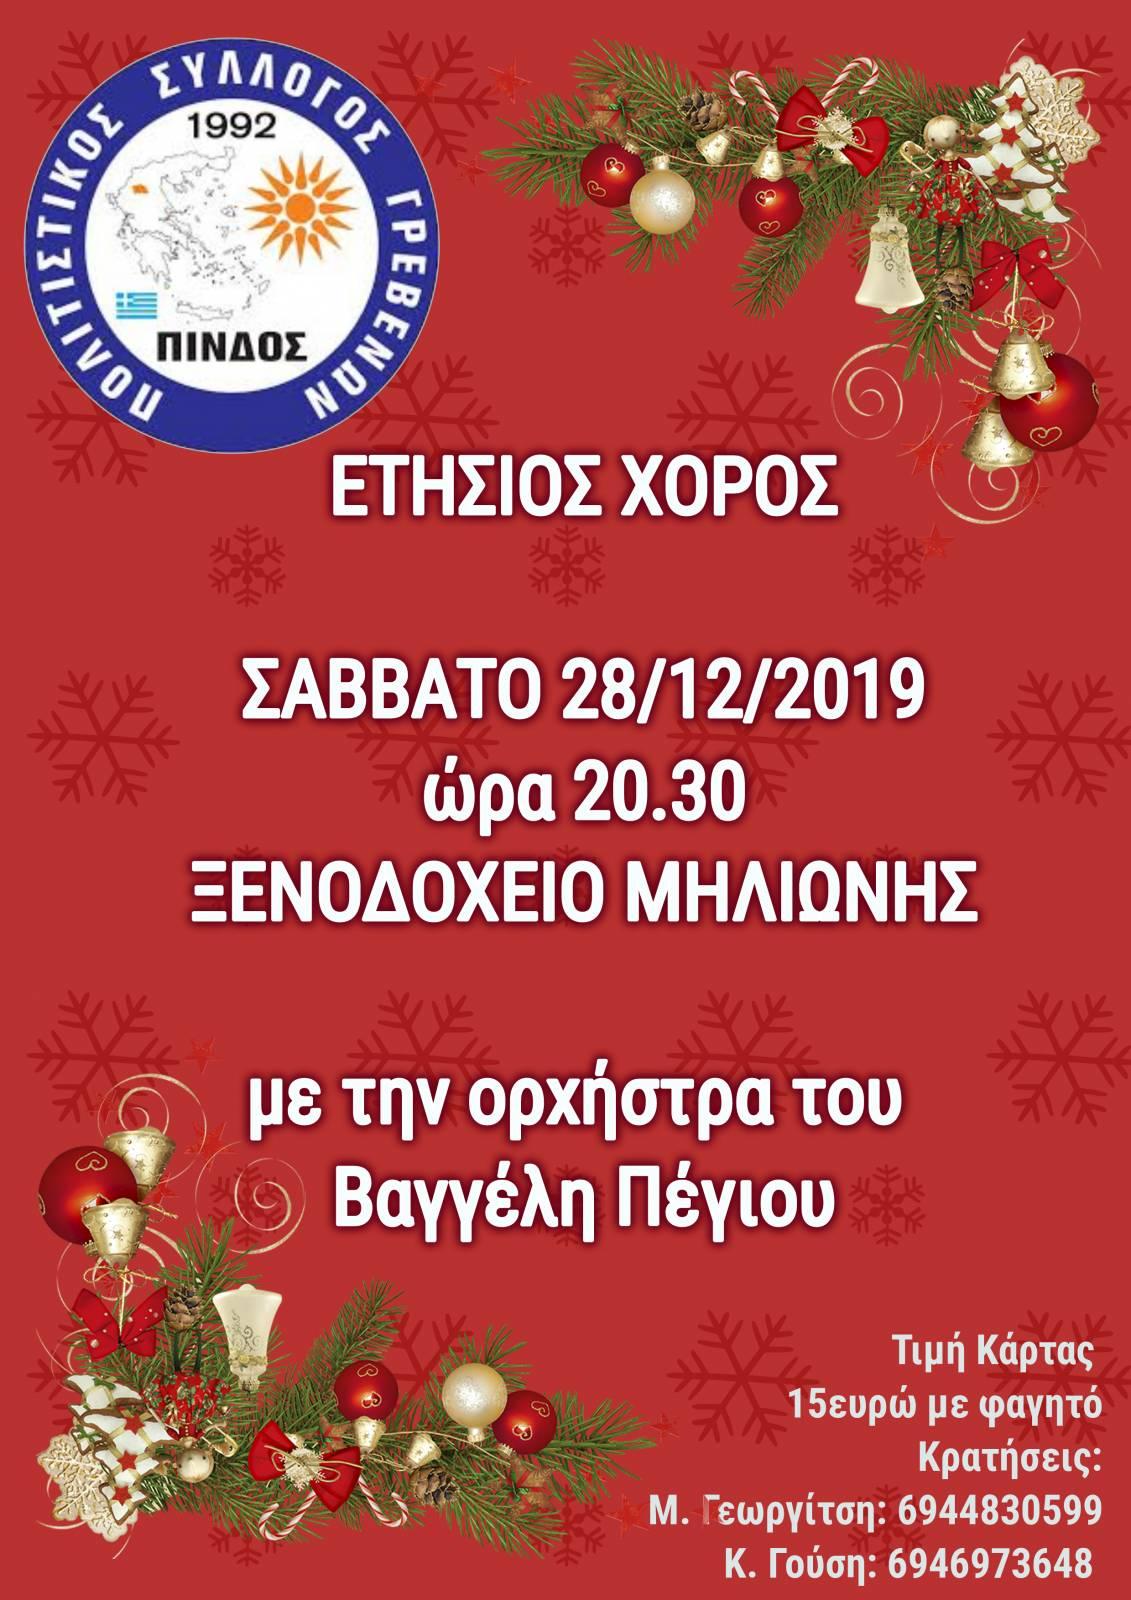 Η «Πίνδος» σας προσκαλεί στον ετήσιο χορό της το Σάββατο 28 Δεκεμβρίου